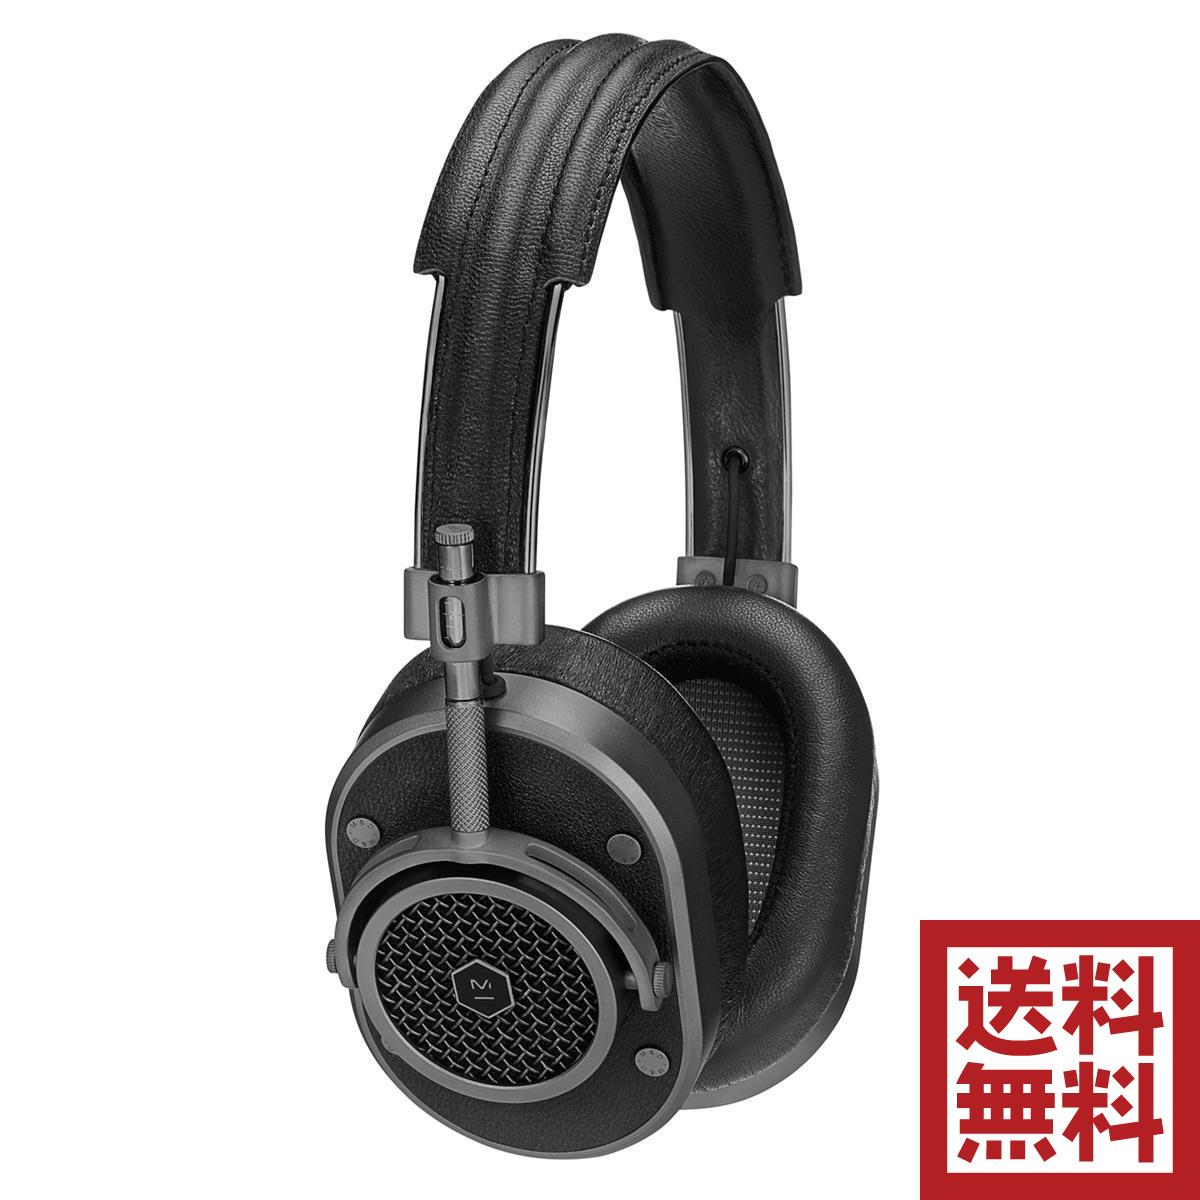 ★ポイント4倍以上&最大1200円OFFクーポン★マスター & ダイナミック MH40 耳覆い型ヘッドホン - 暗灰色